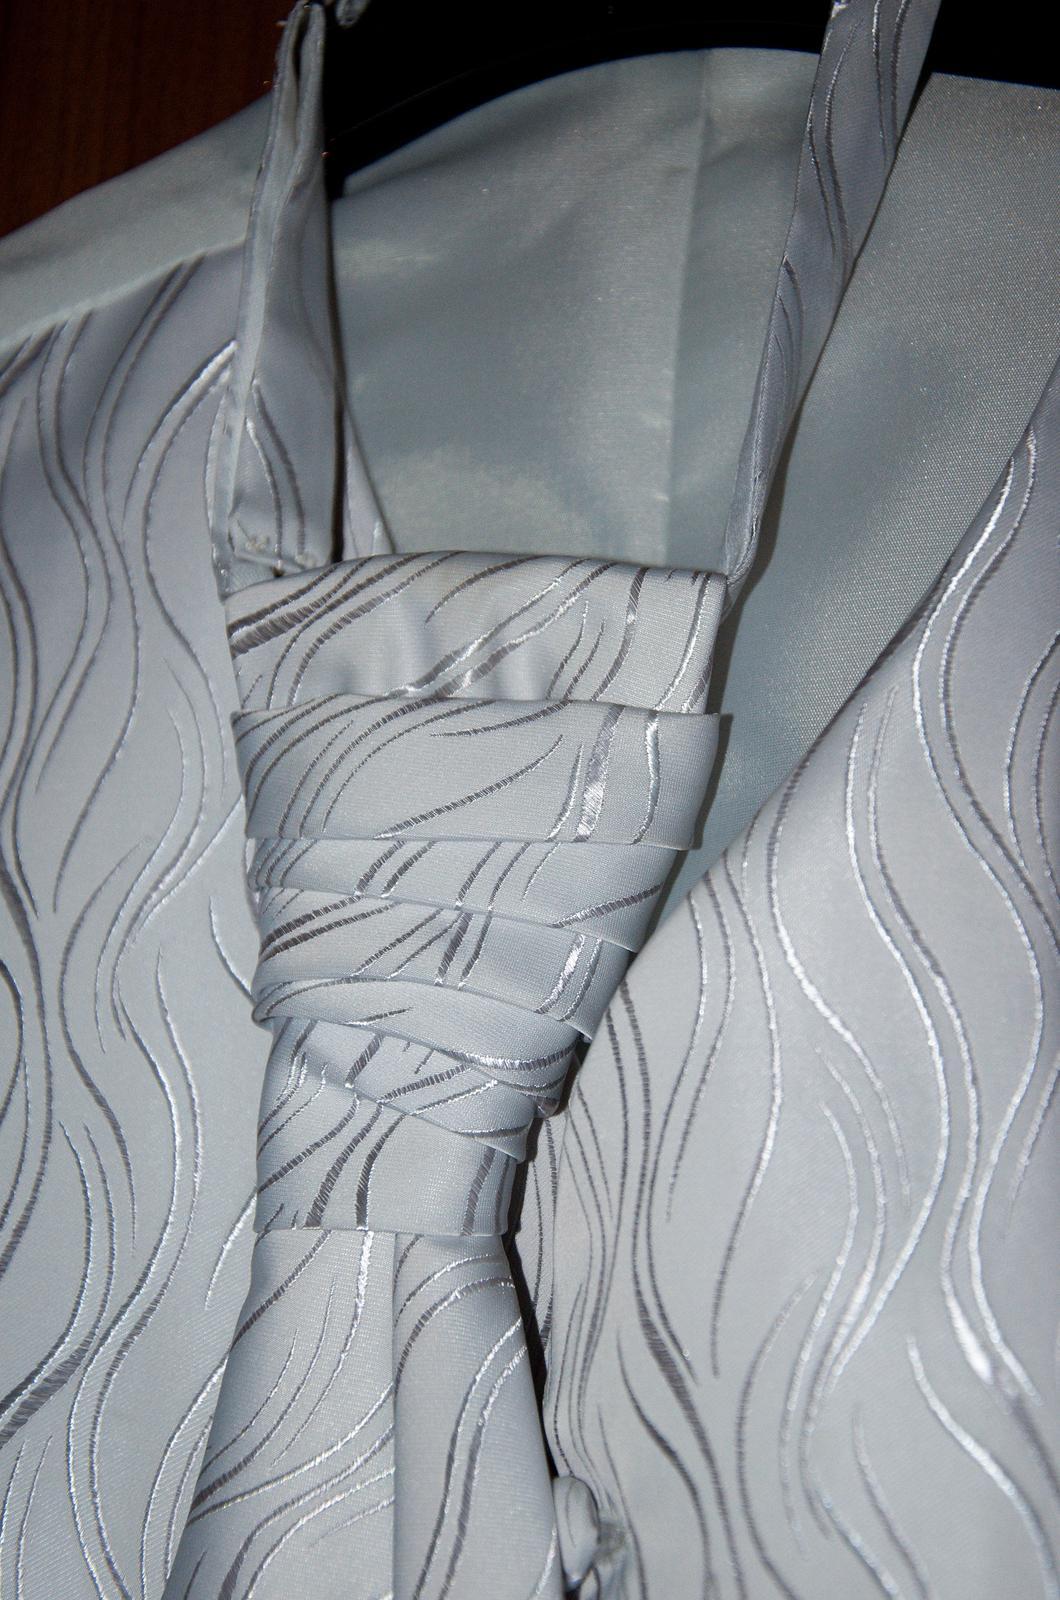 Svadobná vesta, francuzka kravata a vreckovka - Obrázok č. 1